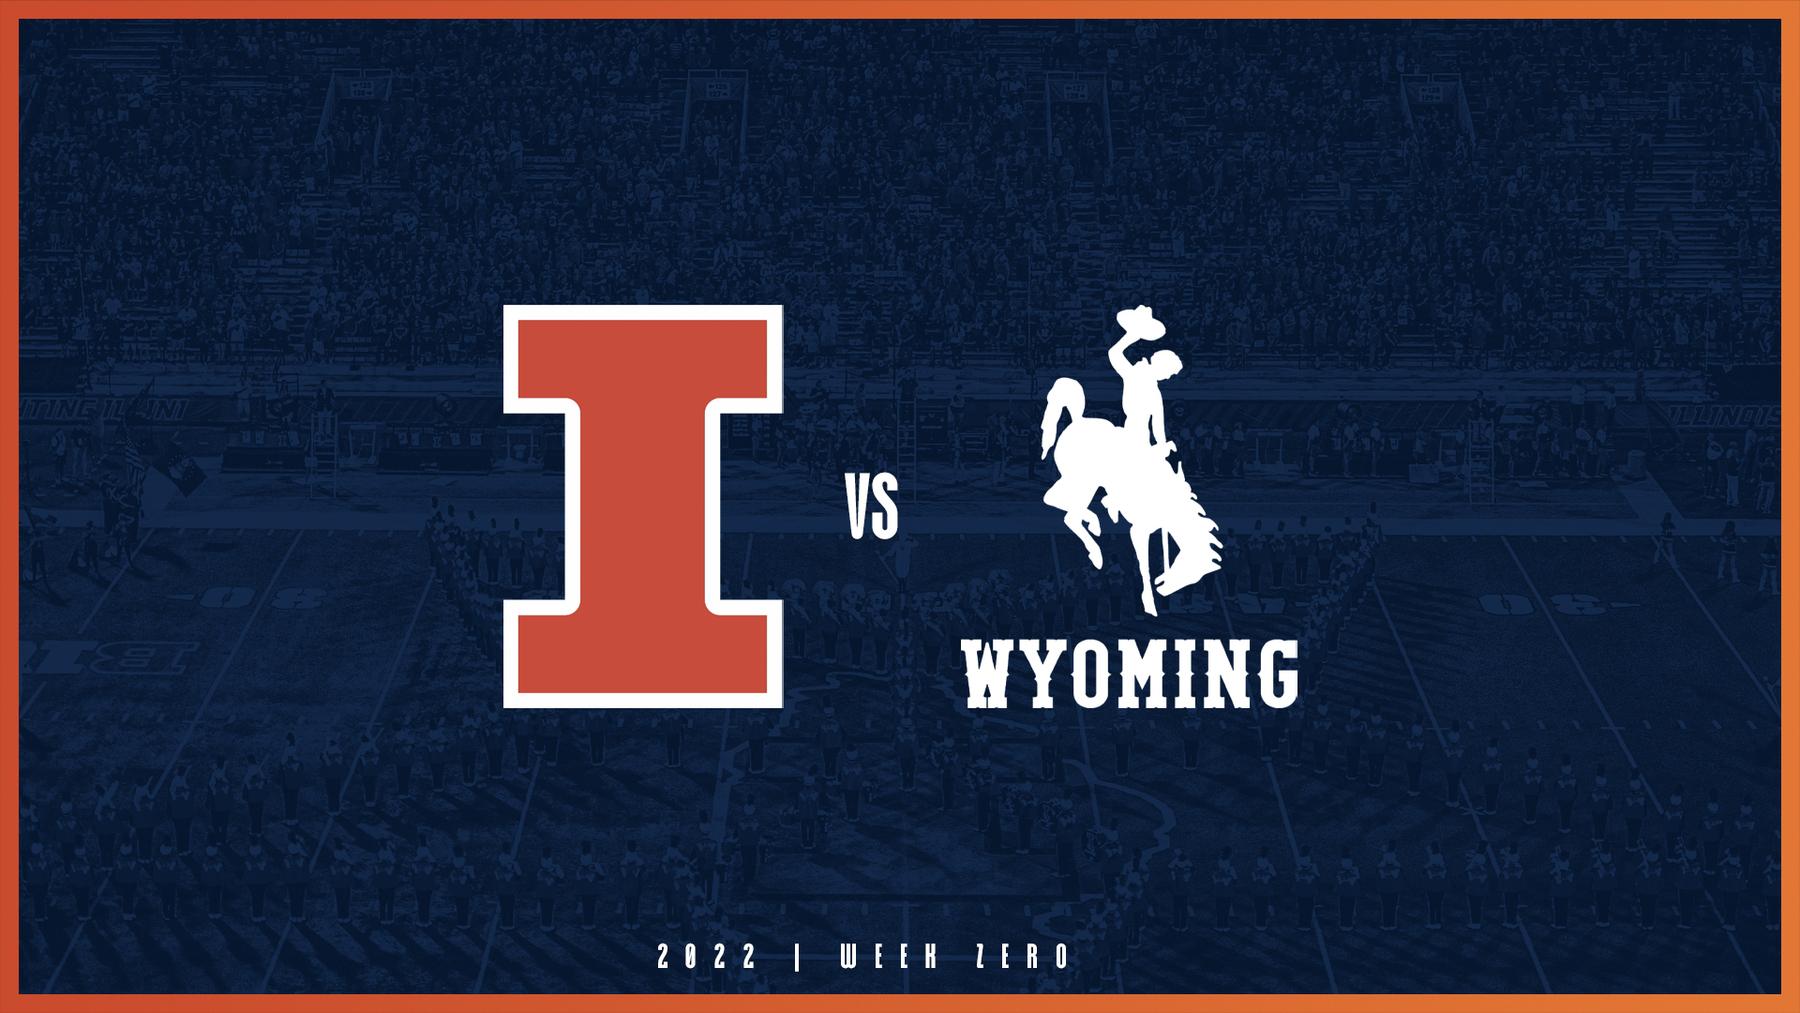 graphic uses school logos, Illinois vs. Wyoming